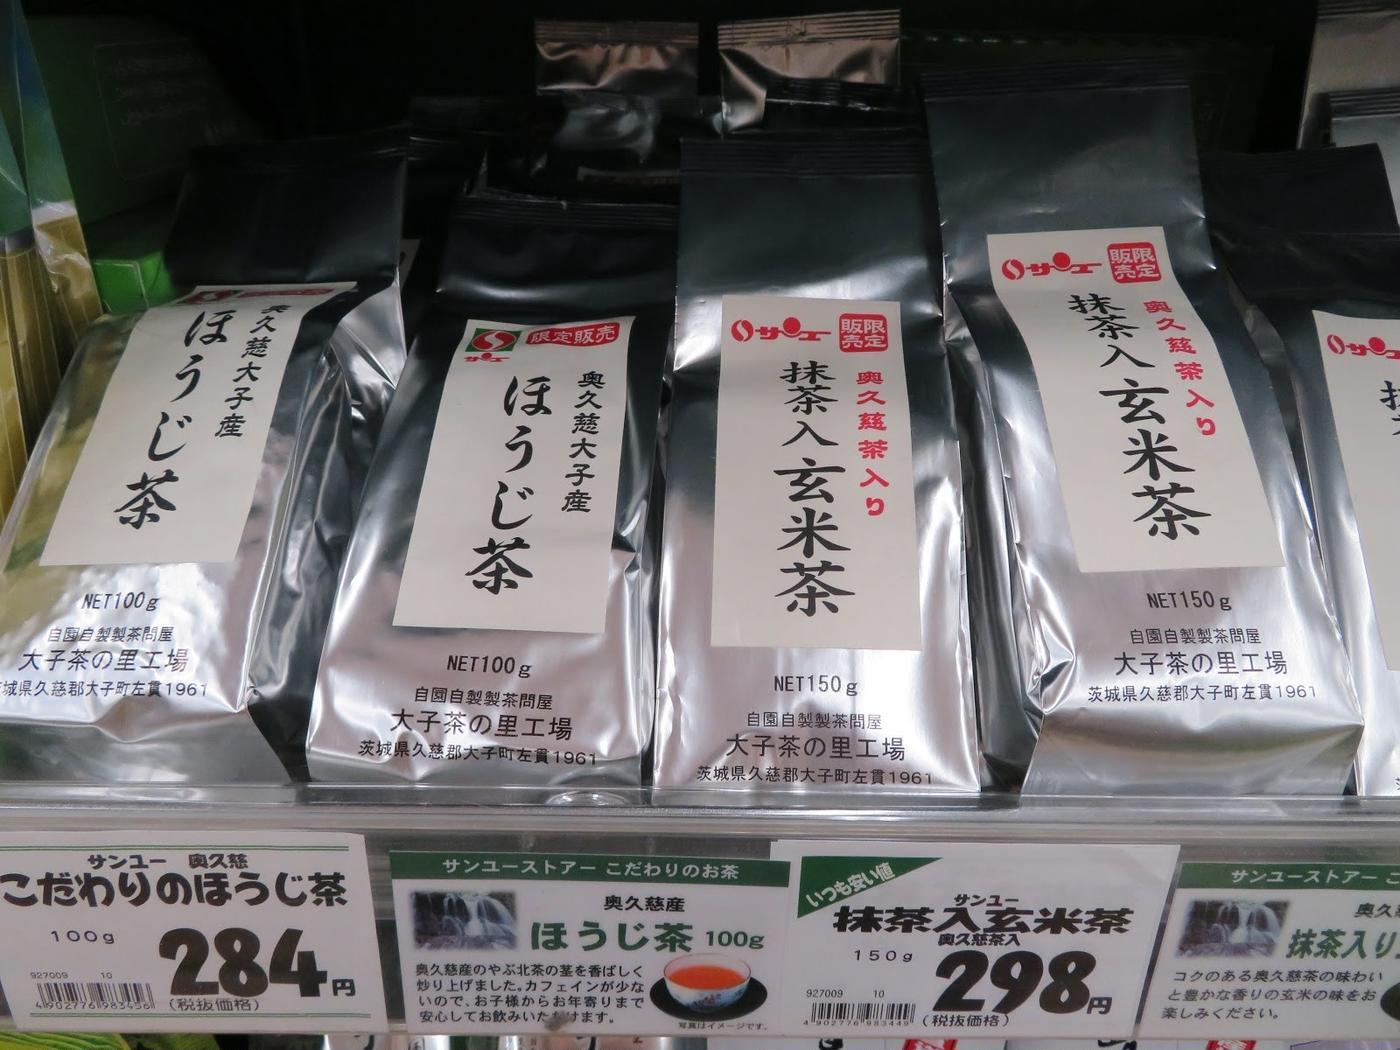 サンユーストア―-奥久慈茶-2